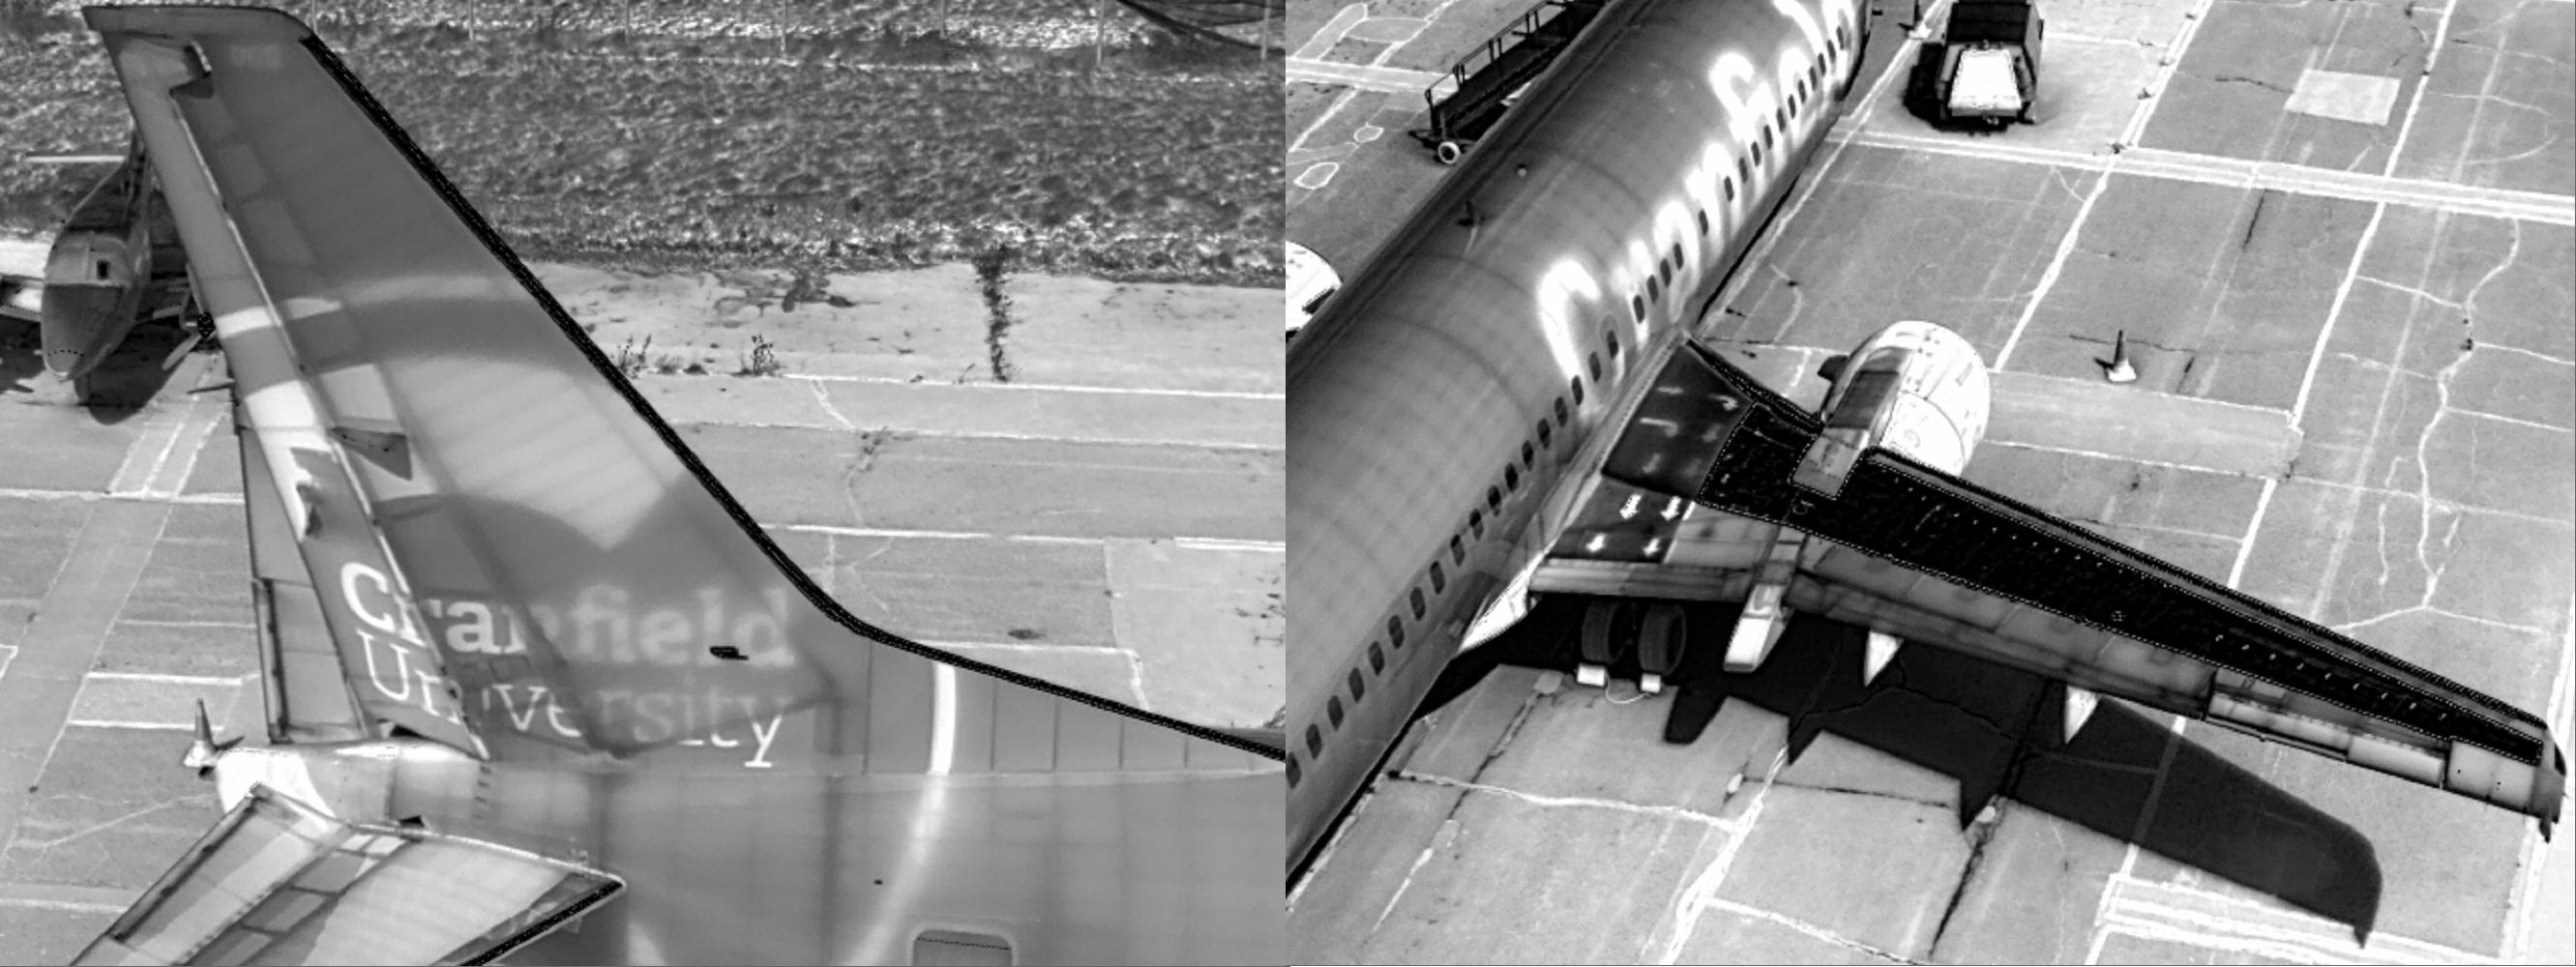 Strukturanalyse Boeing 737